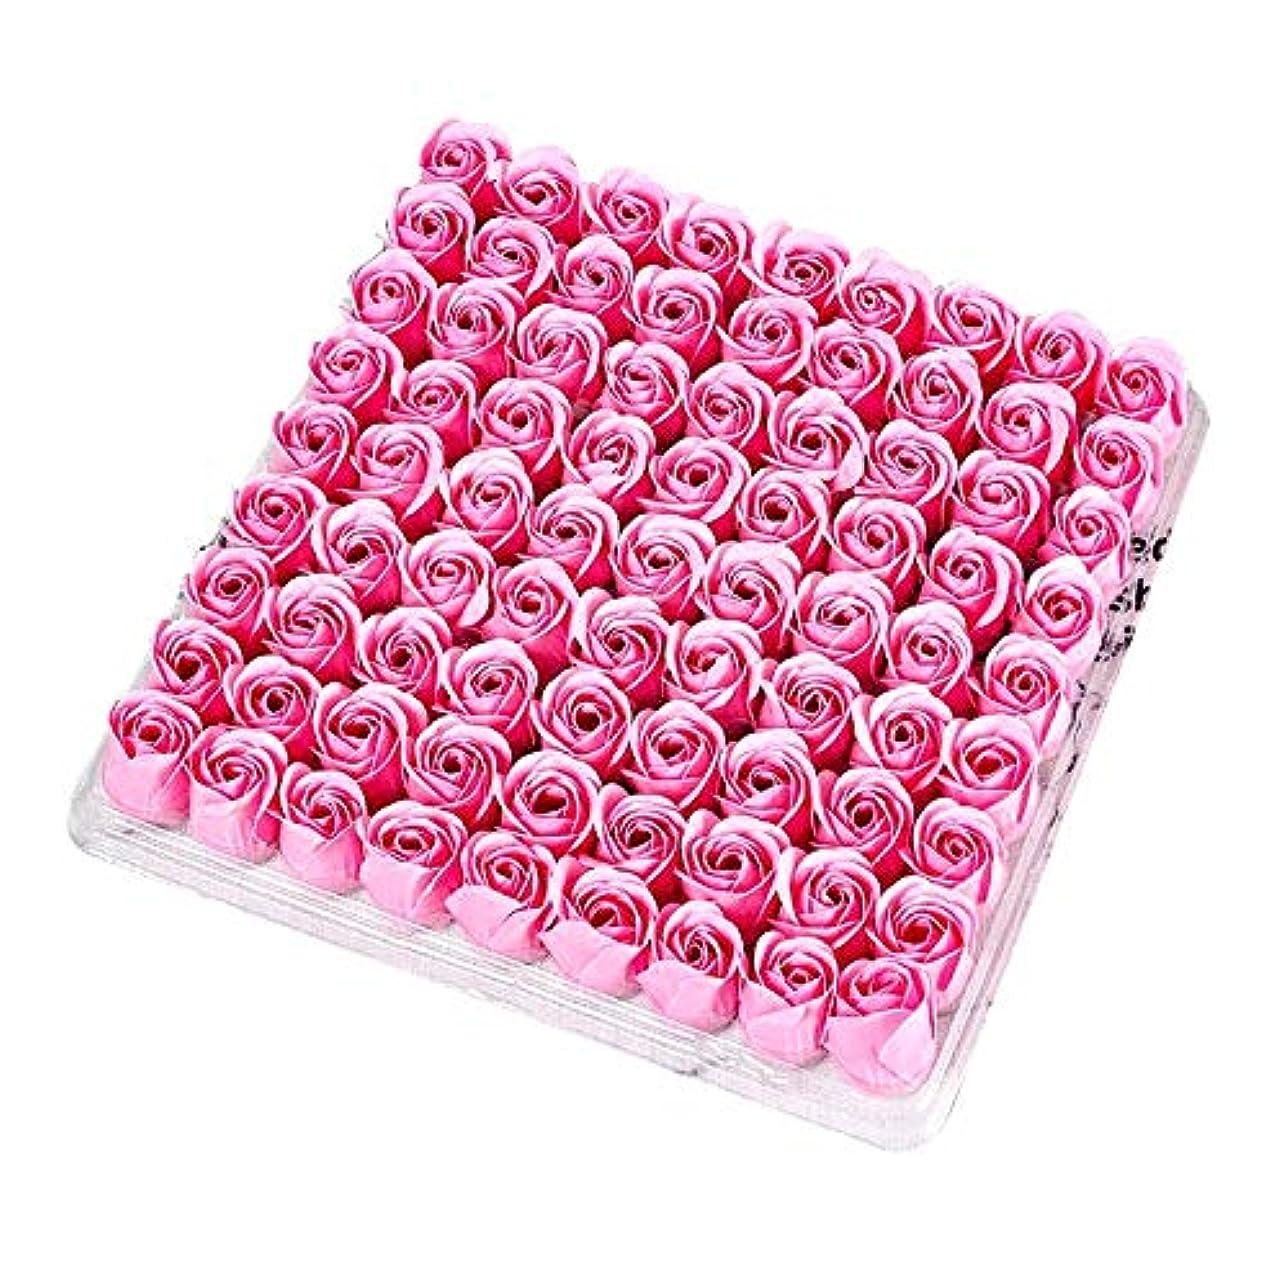 可能にする膜光RETYLY 81個の薔薇、バス ボディ フラワー?フローラルの石けん 香りのよいローズフラワー エッセンシャルオイル フローラルのお客様への石鹸 ウェディング、パーティー、バレンタインデーの贈り物、ピンク